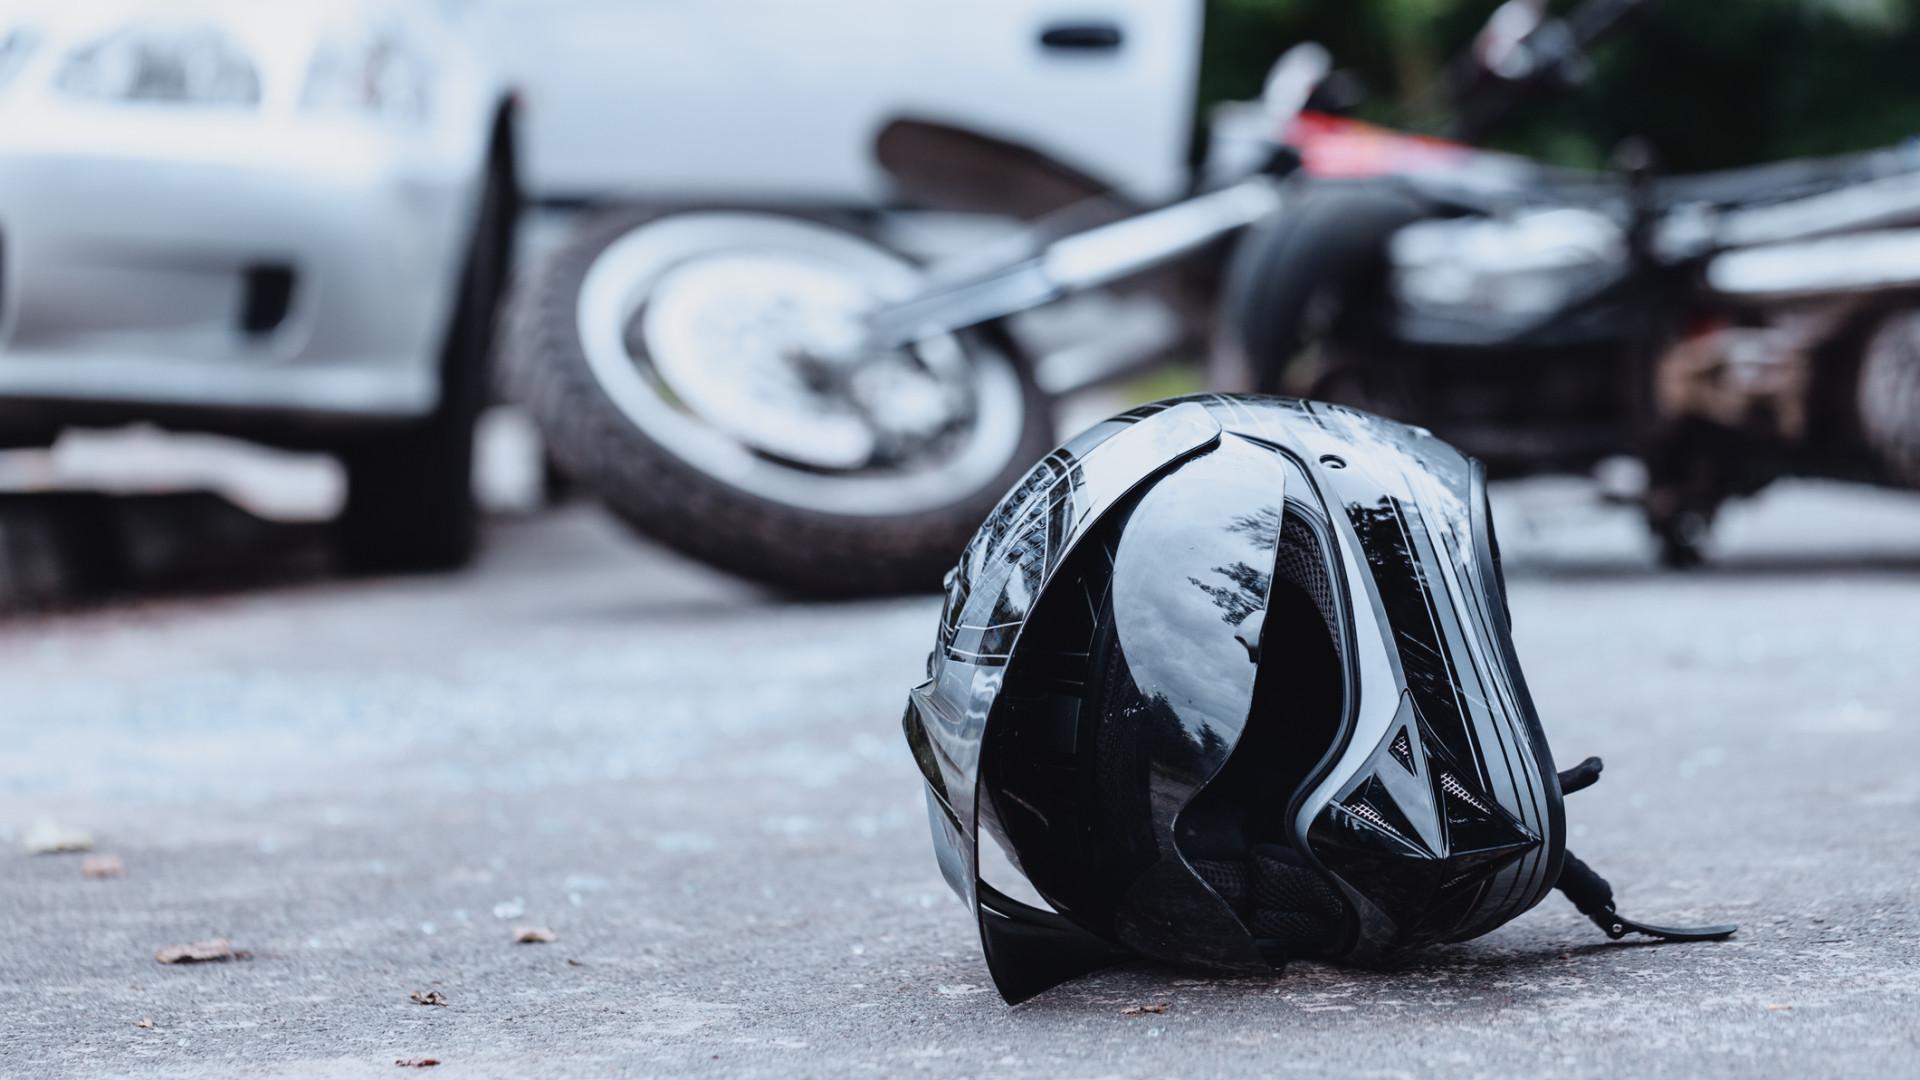 Mortos em acidentes com motos mais do que duplicaram em 2017